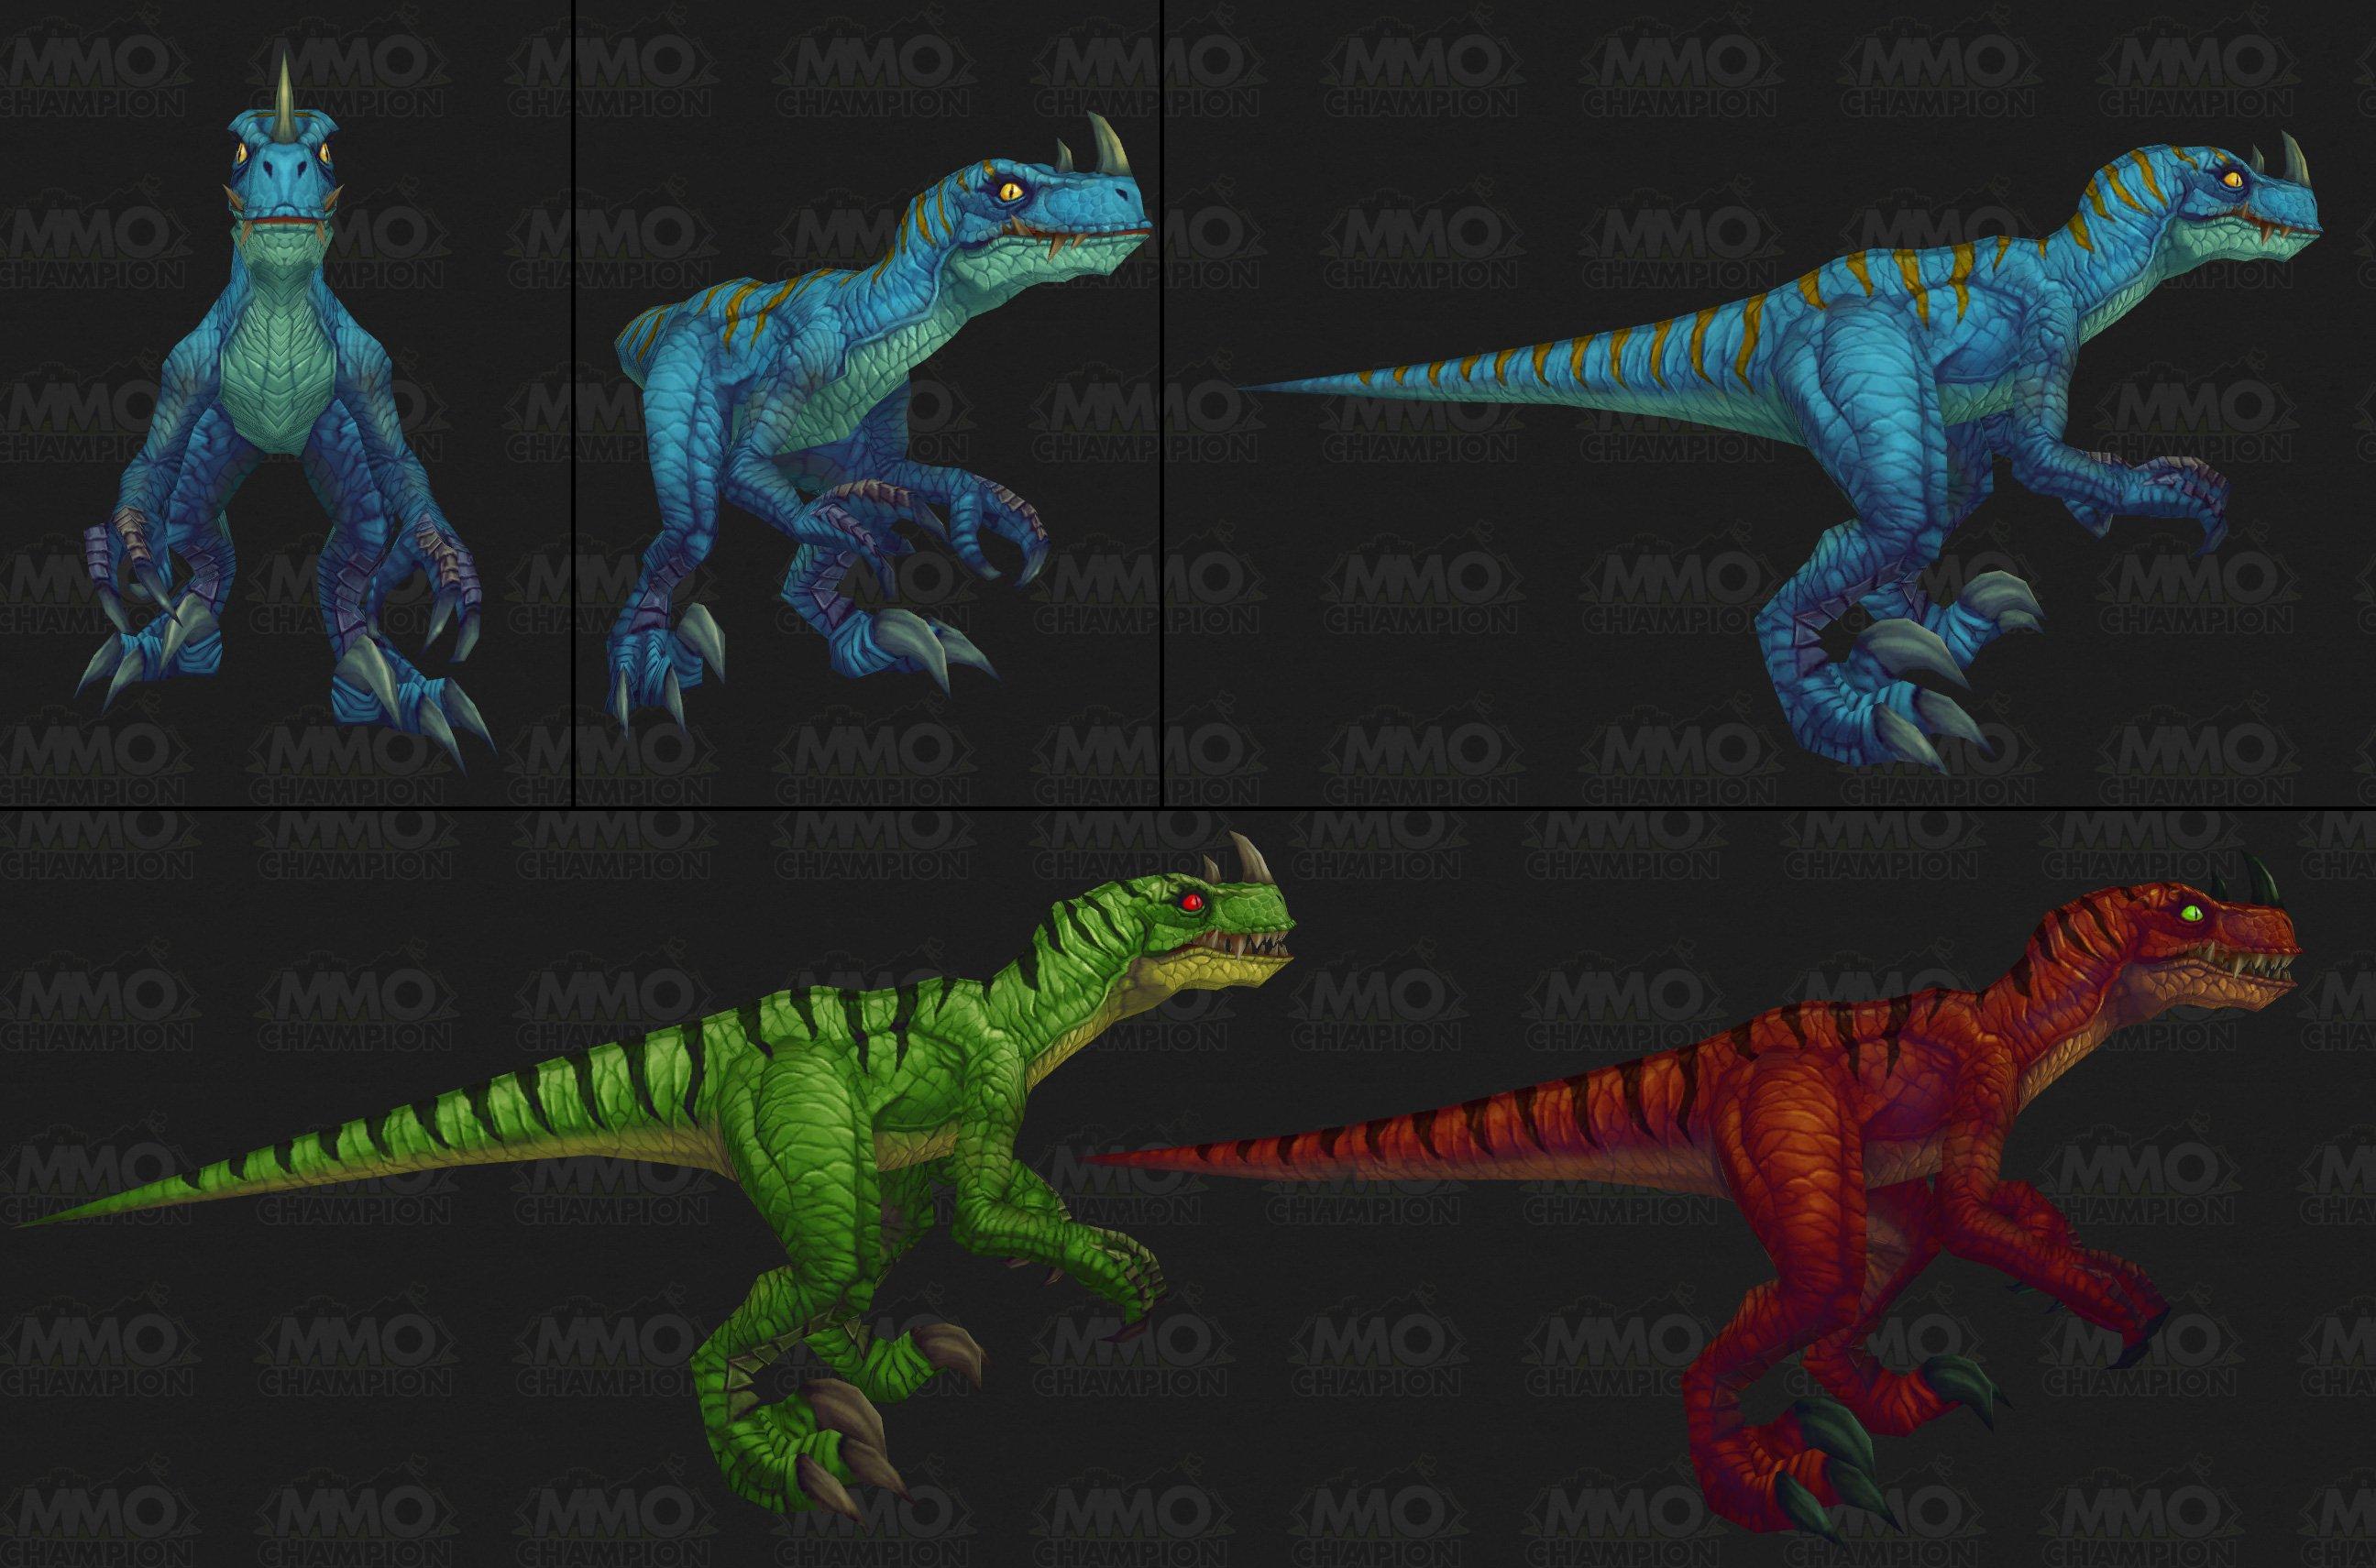 [SPOIL] Les nouveautés de WOD - Page 3 Raptor2